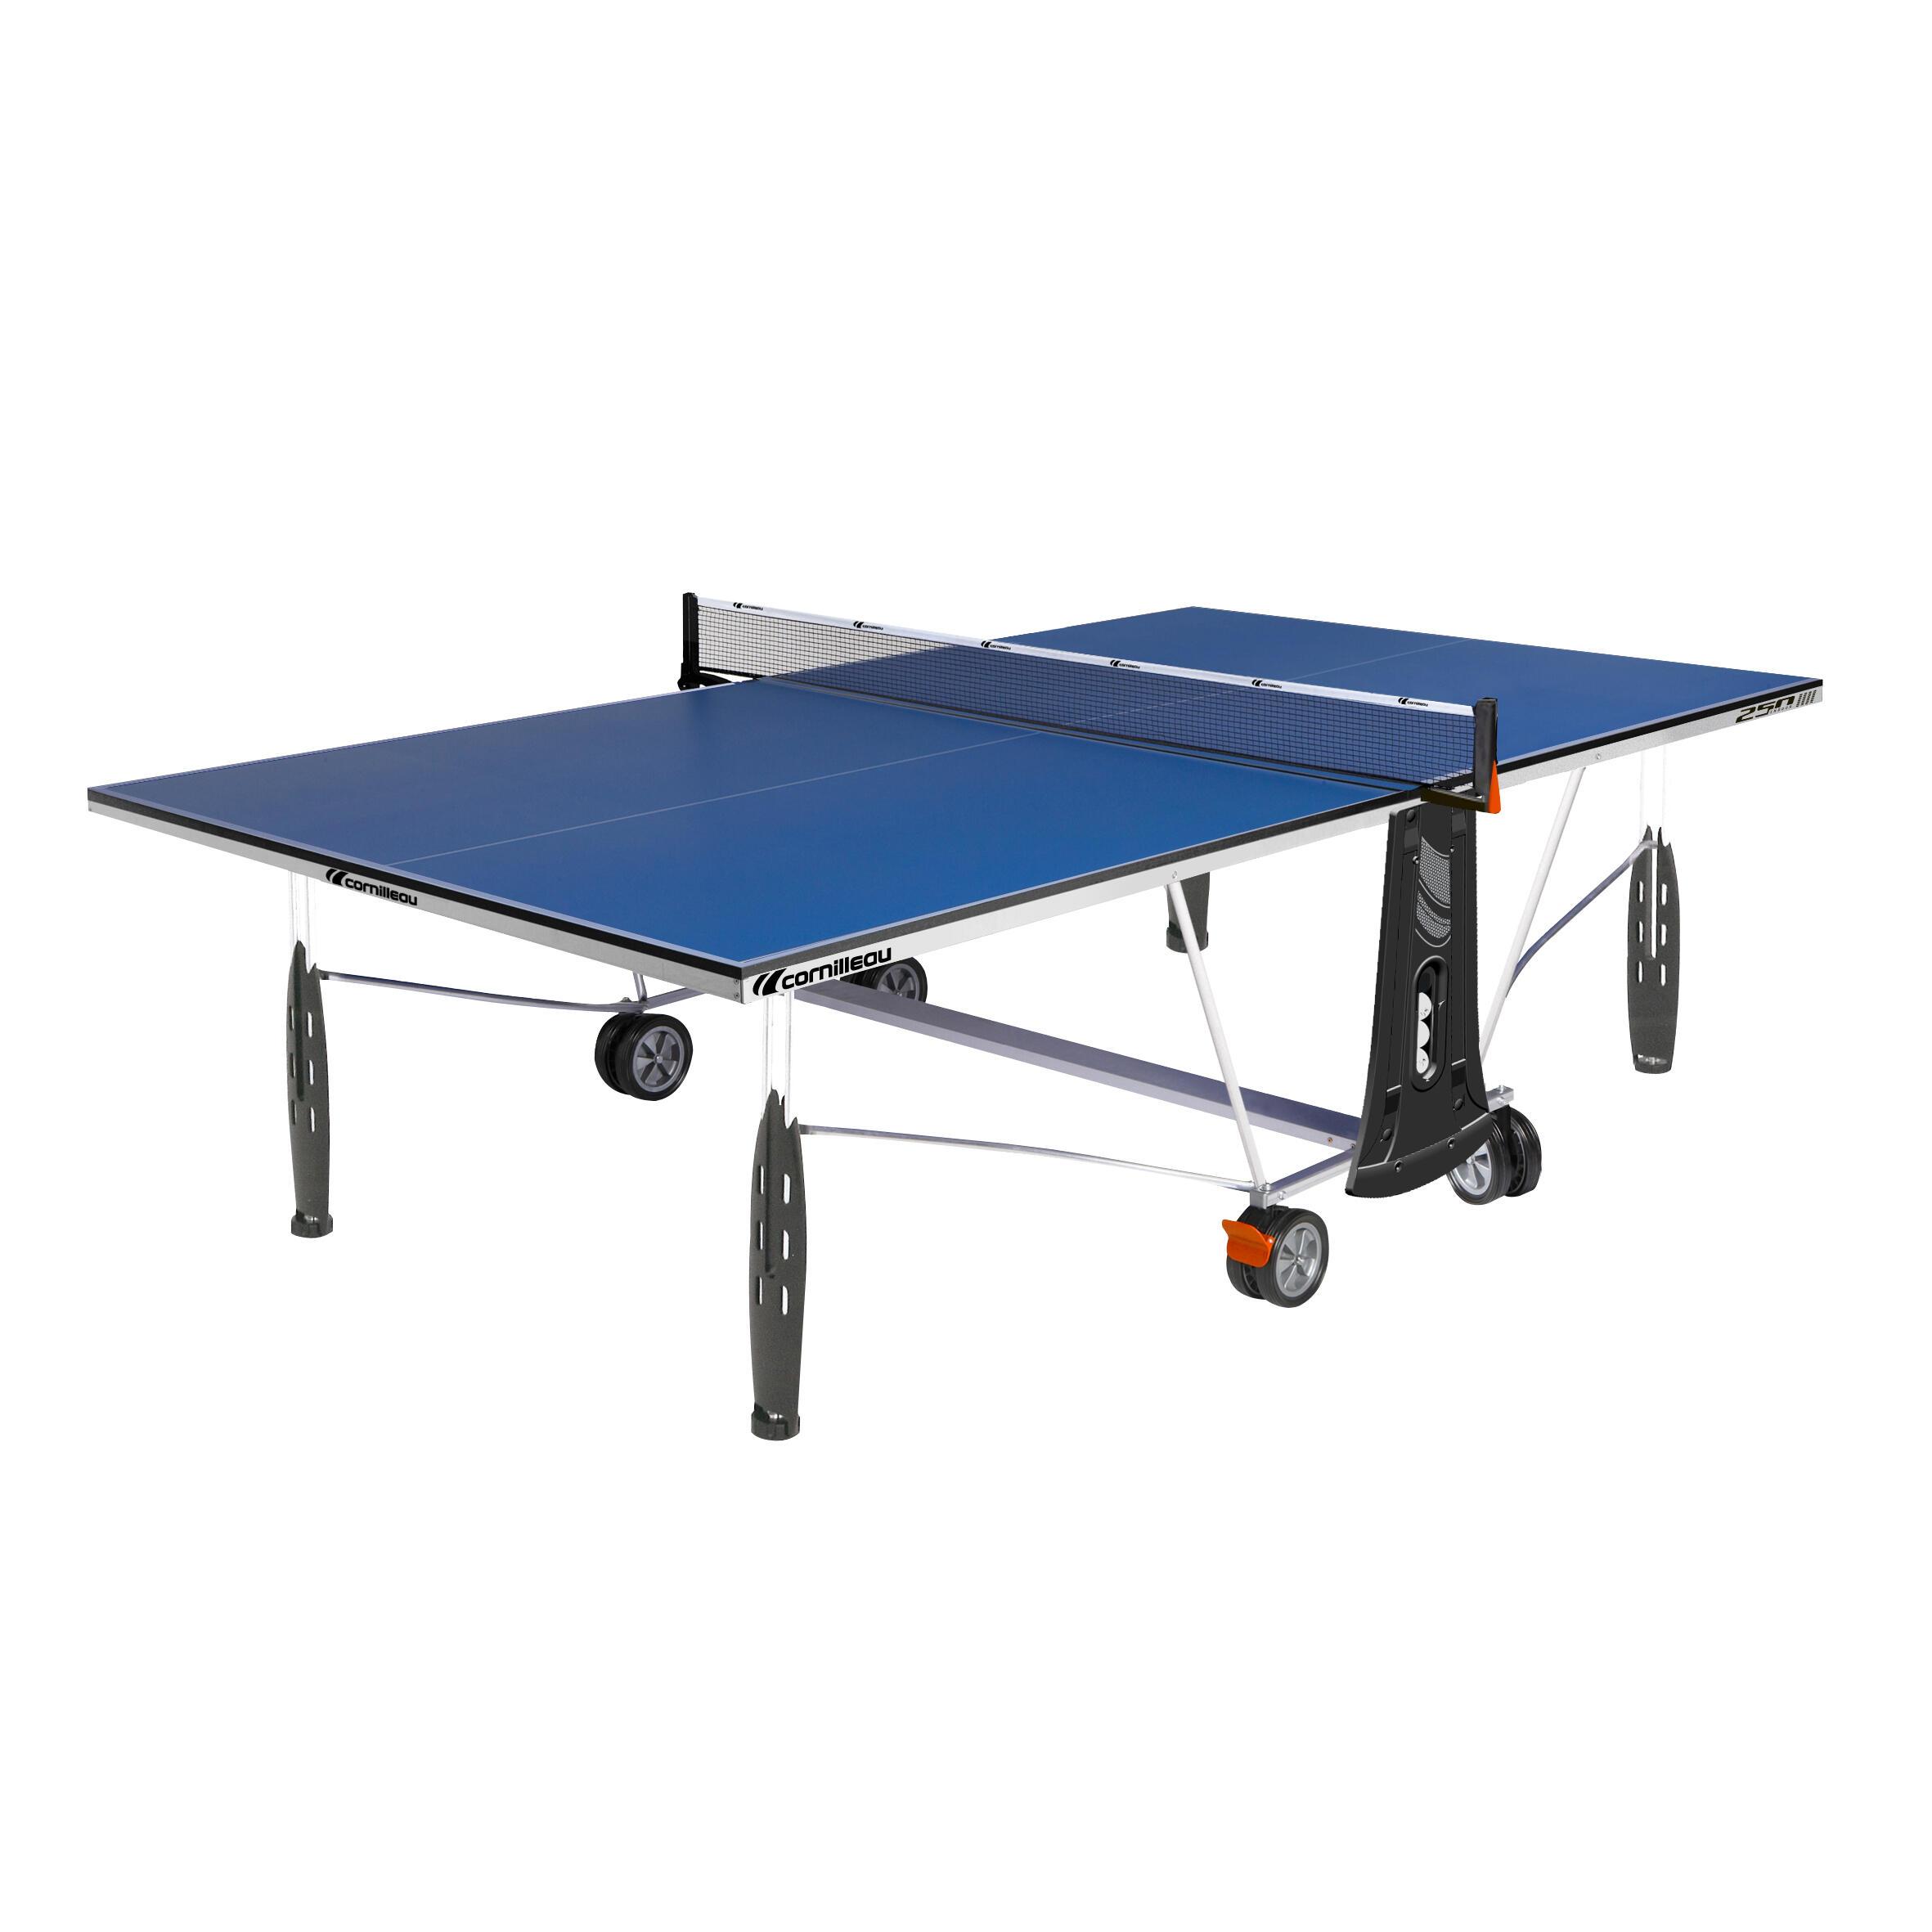 Mesa de ping pong free 250 indoor cornilleau decathlon - Tavolo da ping pong decathlon prezzi ...